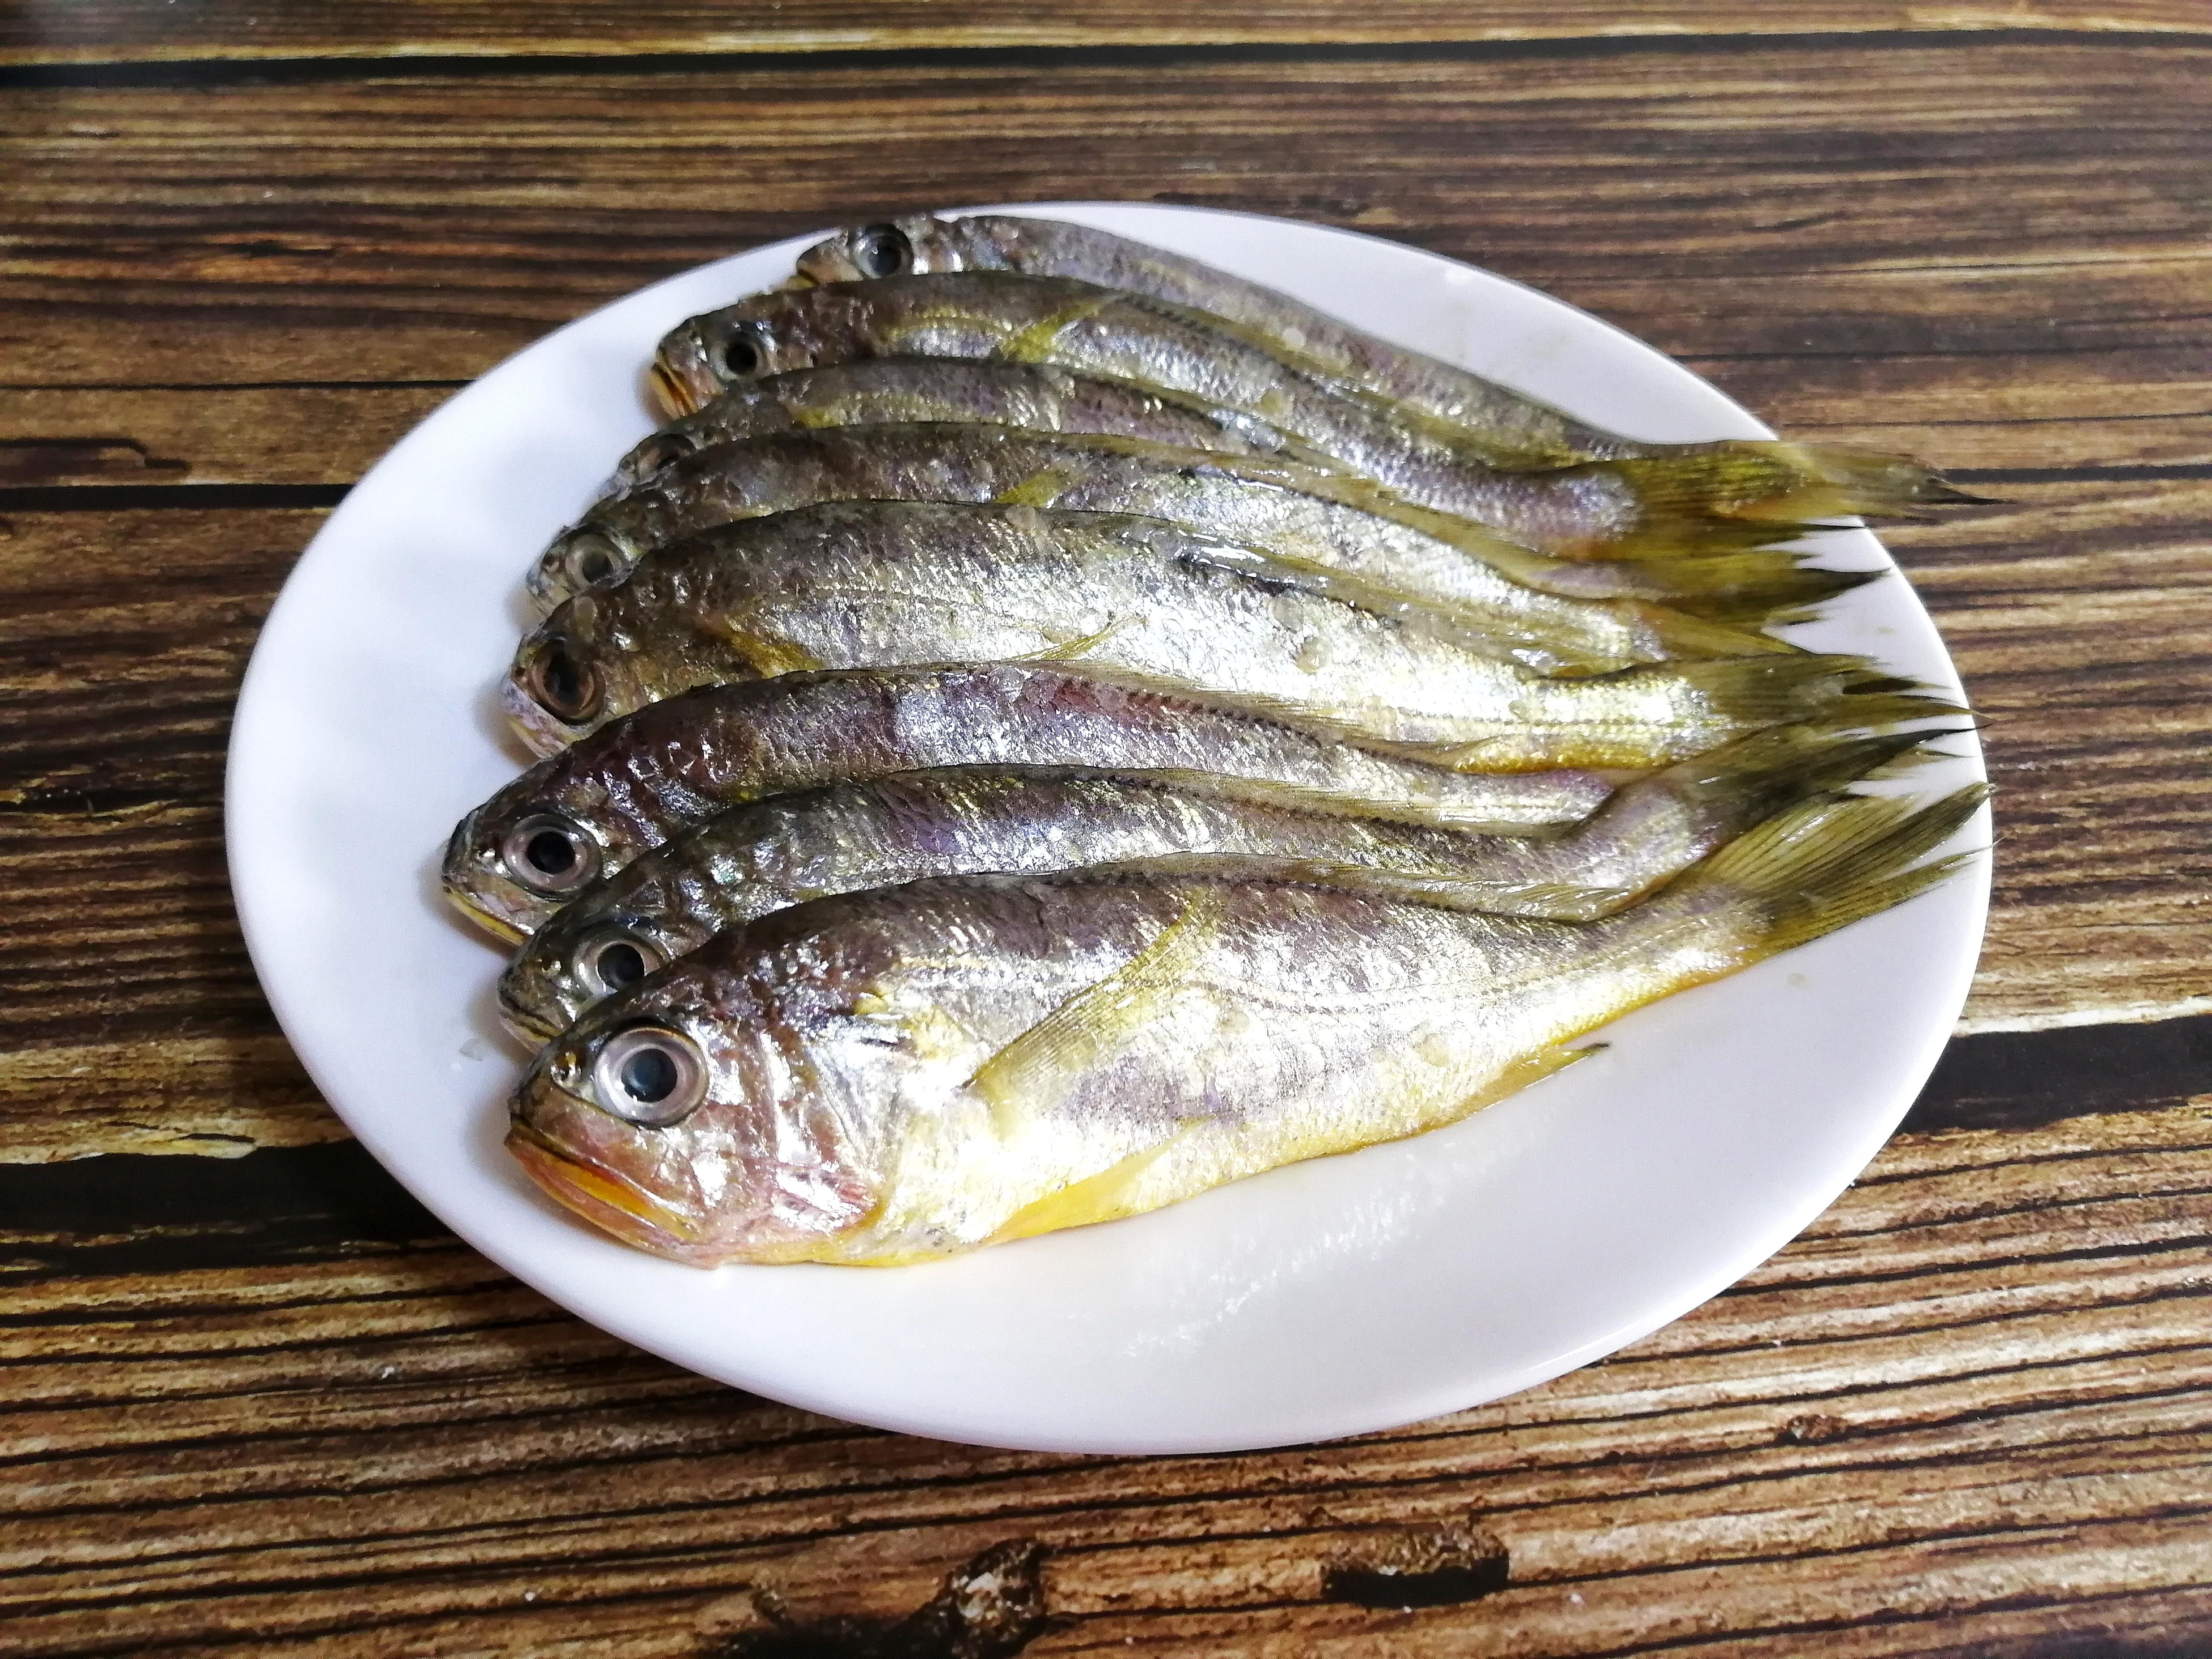 秘制酥鱼这样做,骨酥肉烂入味,5元做一盘,比超市卖的罐头好吃